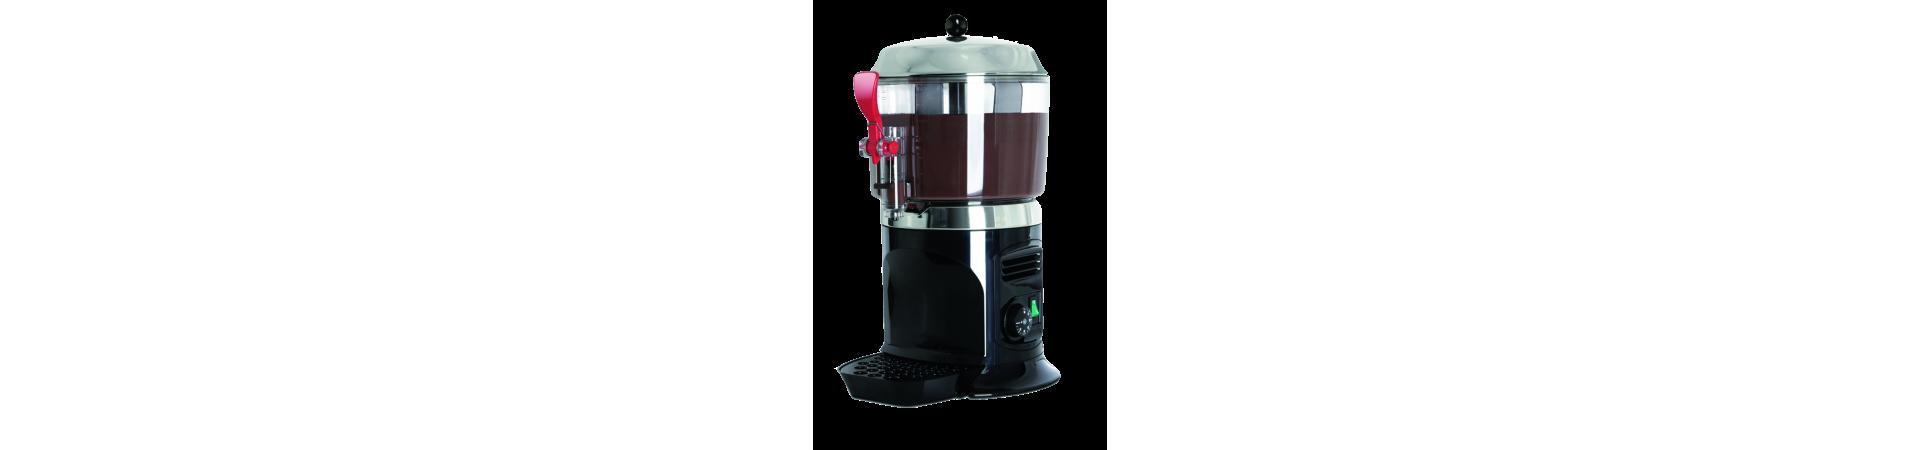 Chocolateras y máquinas para servir chocolate, Compra hoy con garantía